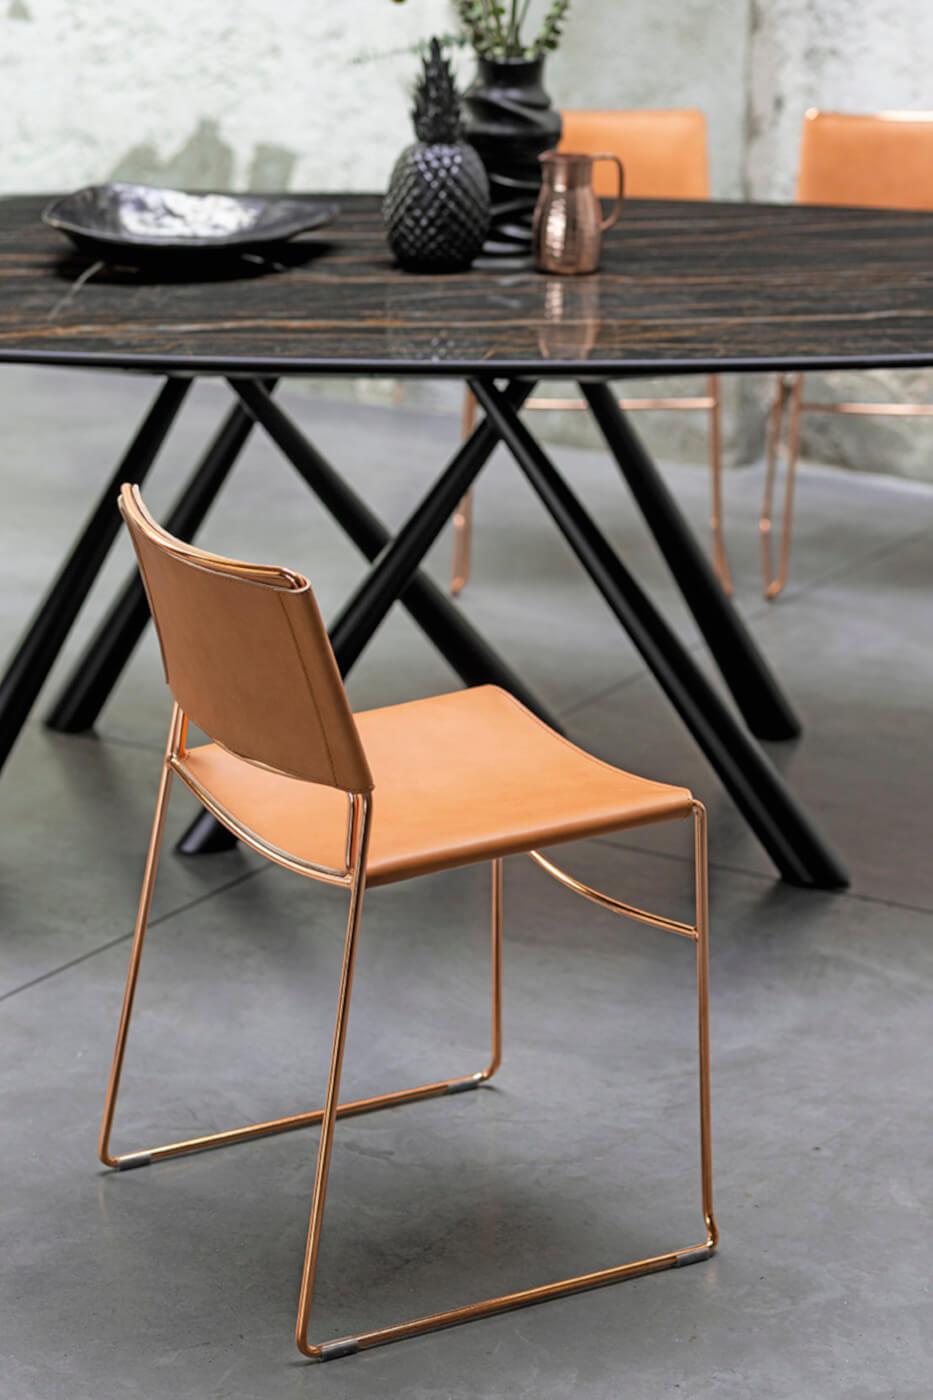 Sedia Slim con seduta in cuoio rosa e base in metallo oro rosa